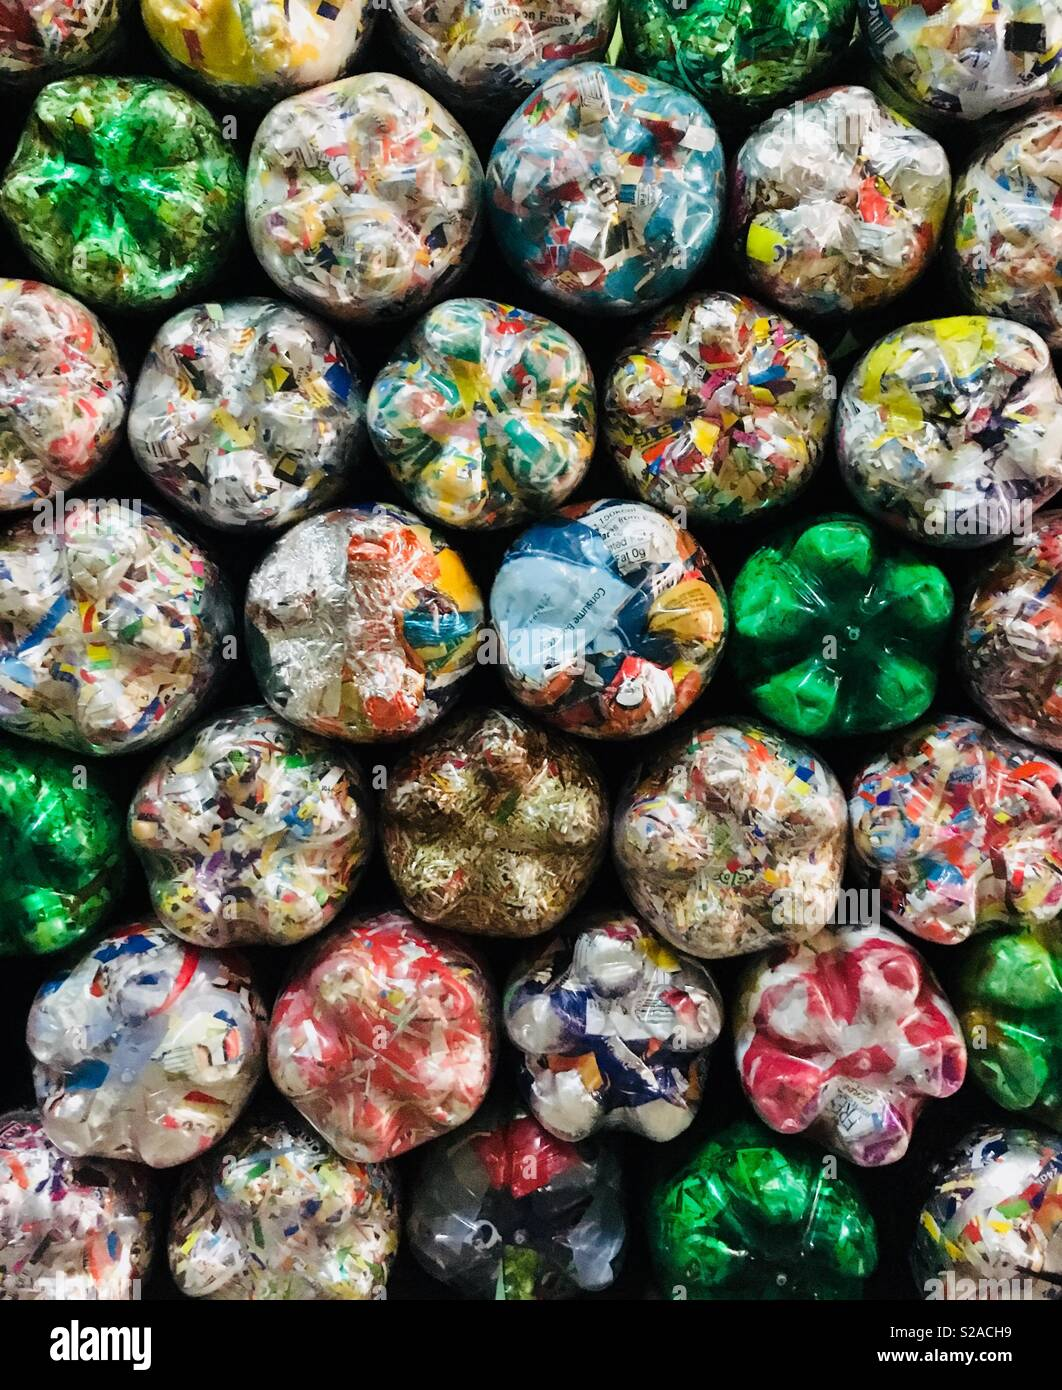 La gestione dei rifiuti. . Immagini Stock